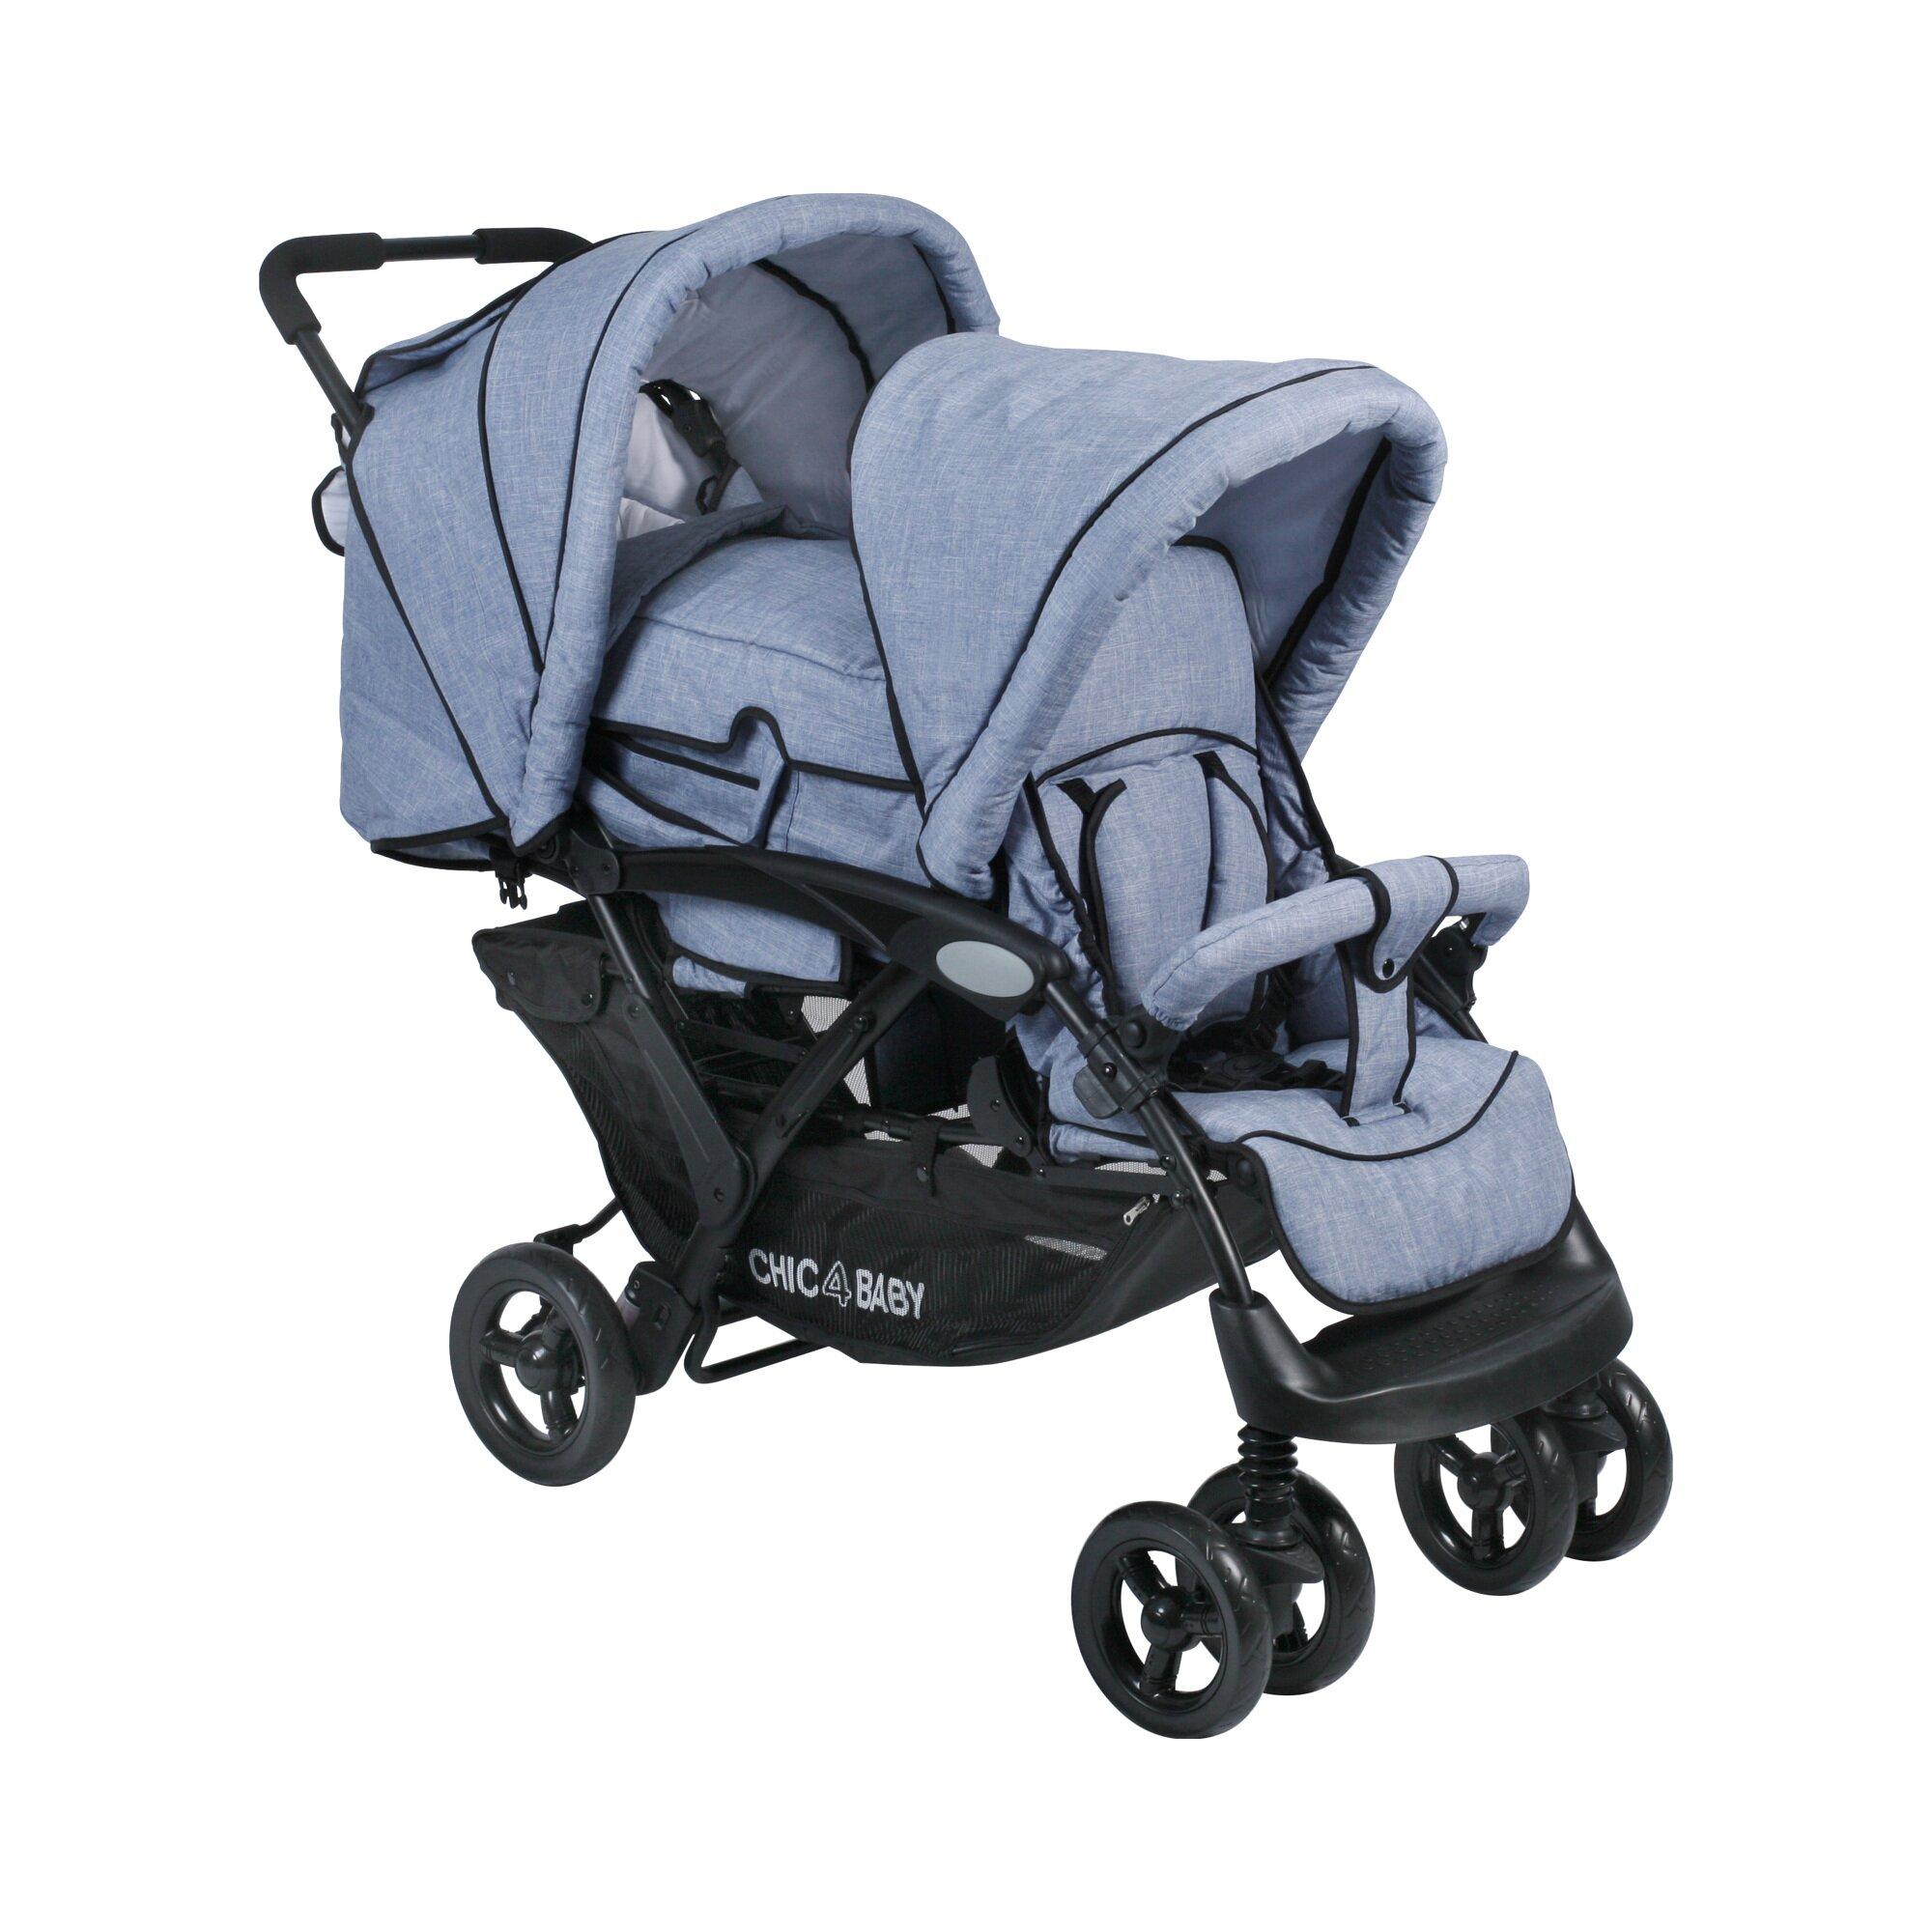 Chic 4 Baby Duo Zwillings- und Kinderwagen Geschwisterwagen blau